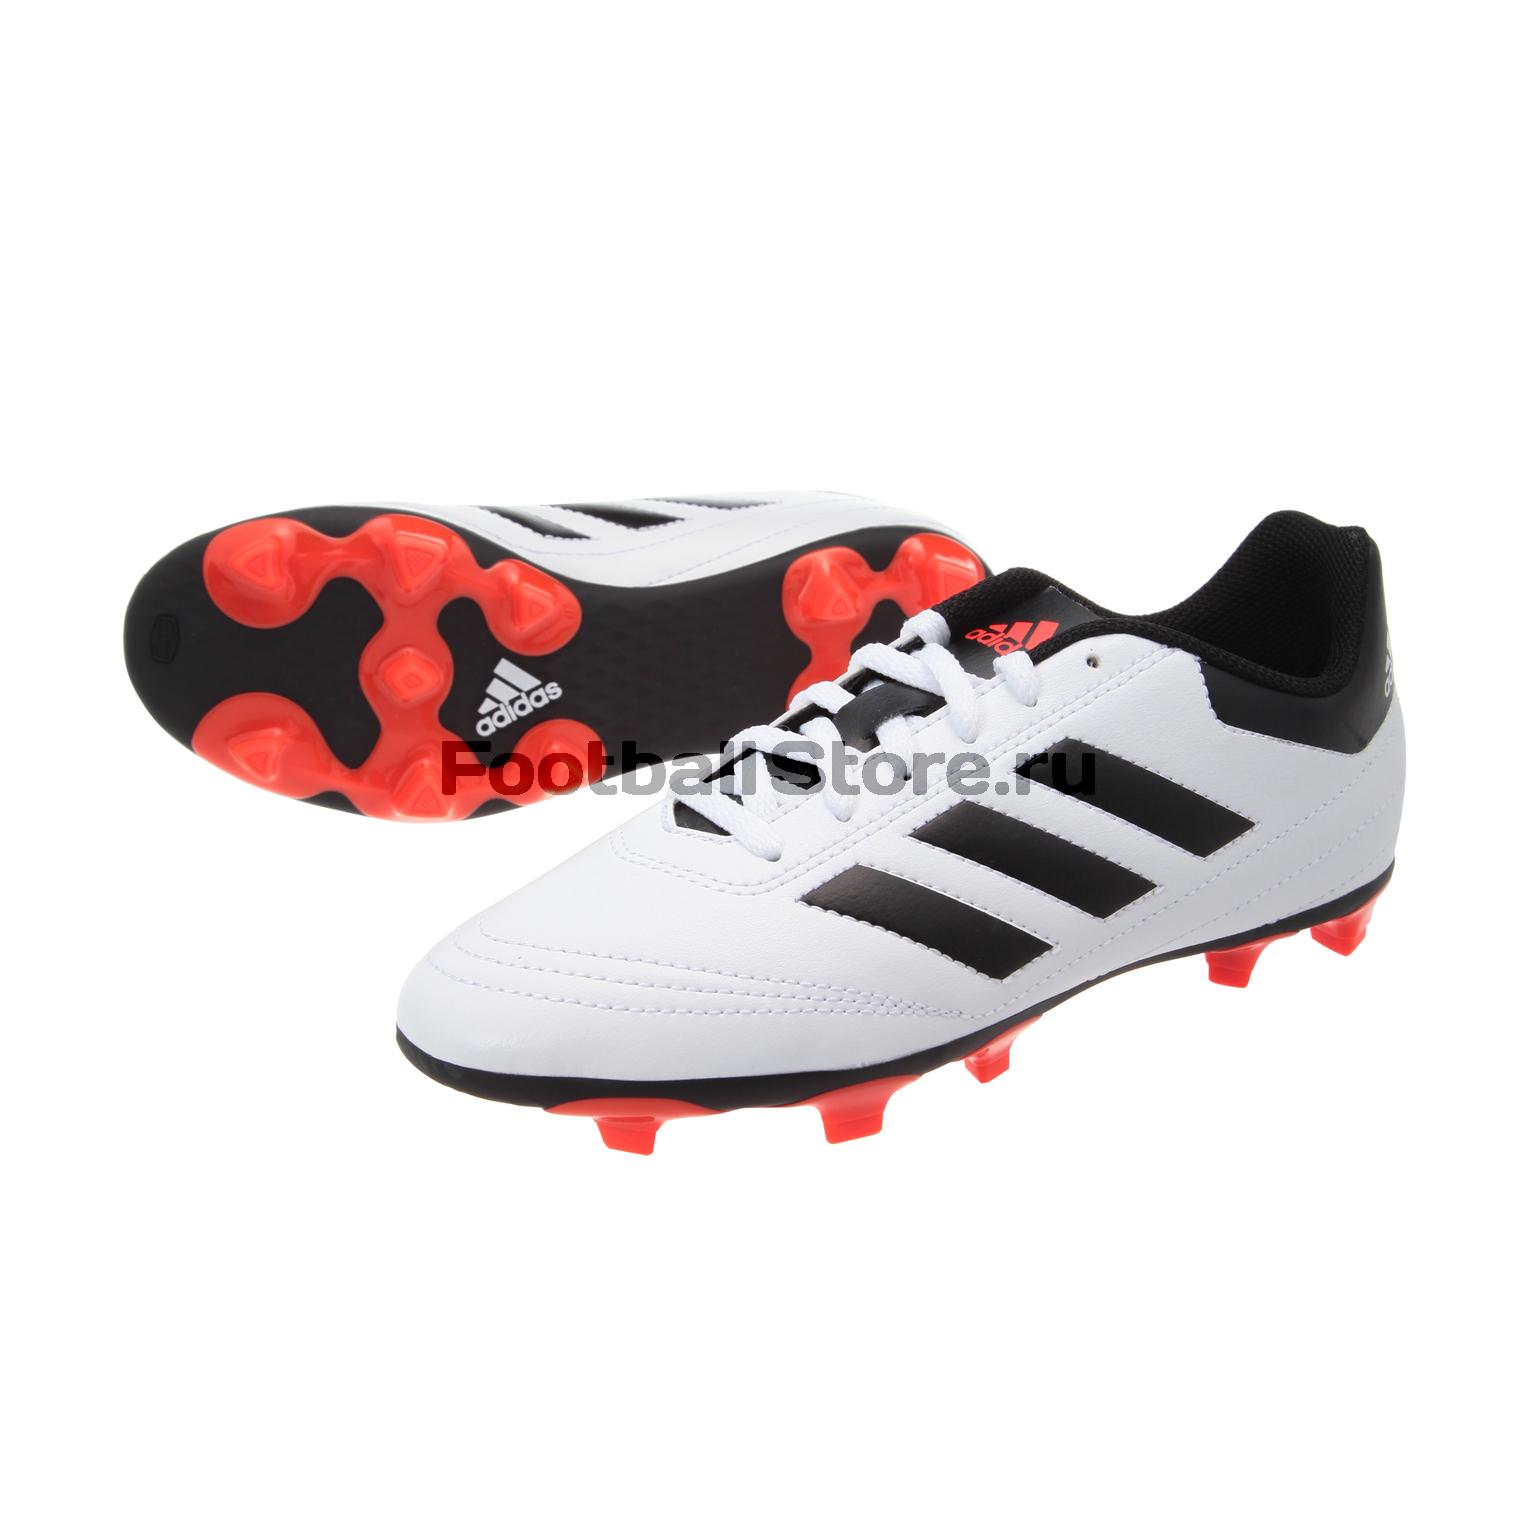 Бутсы Adidas Goletto VI FG JR AQ4286 бутсы футбольные nike mercurial victory vi njr fg 921488 407 jr детские